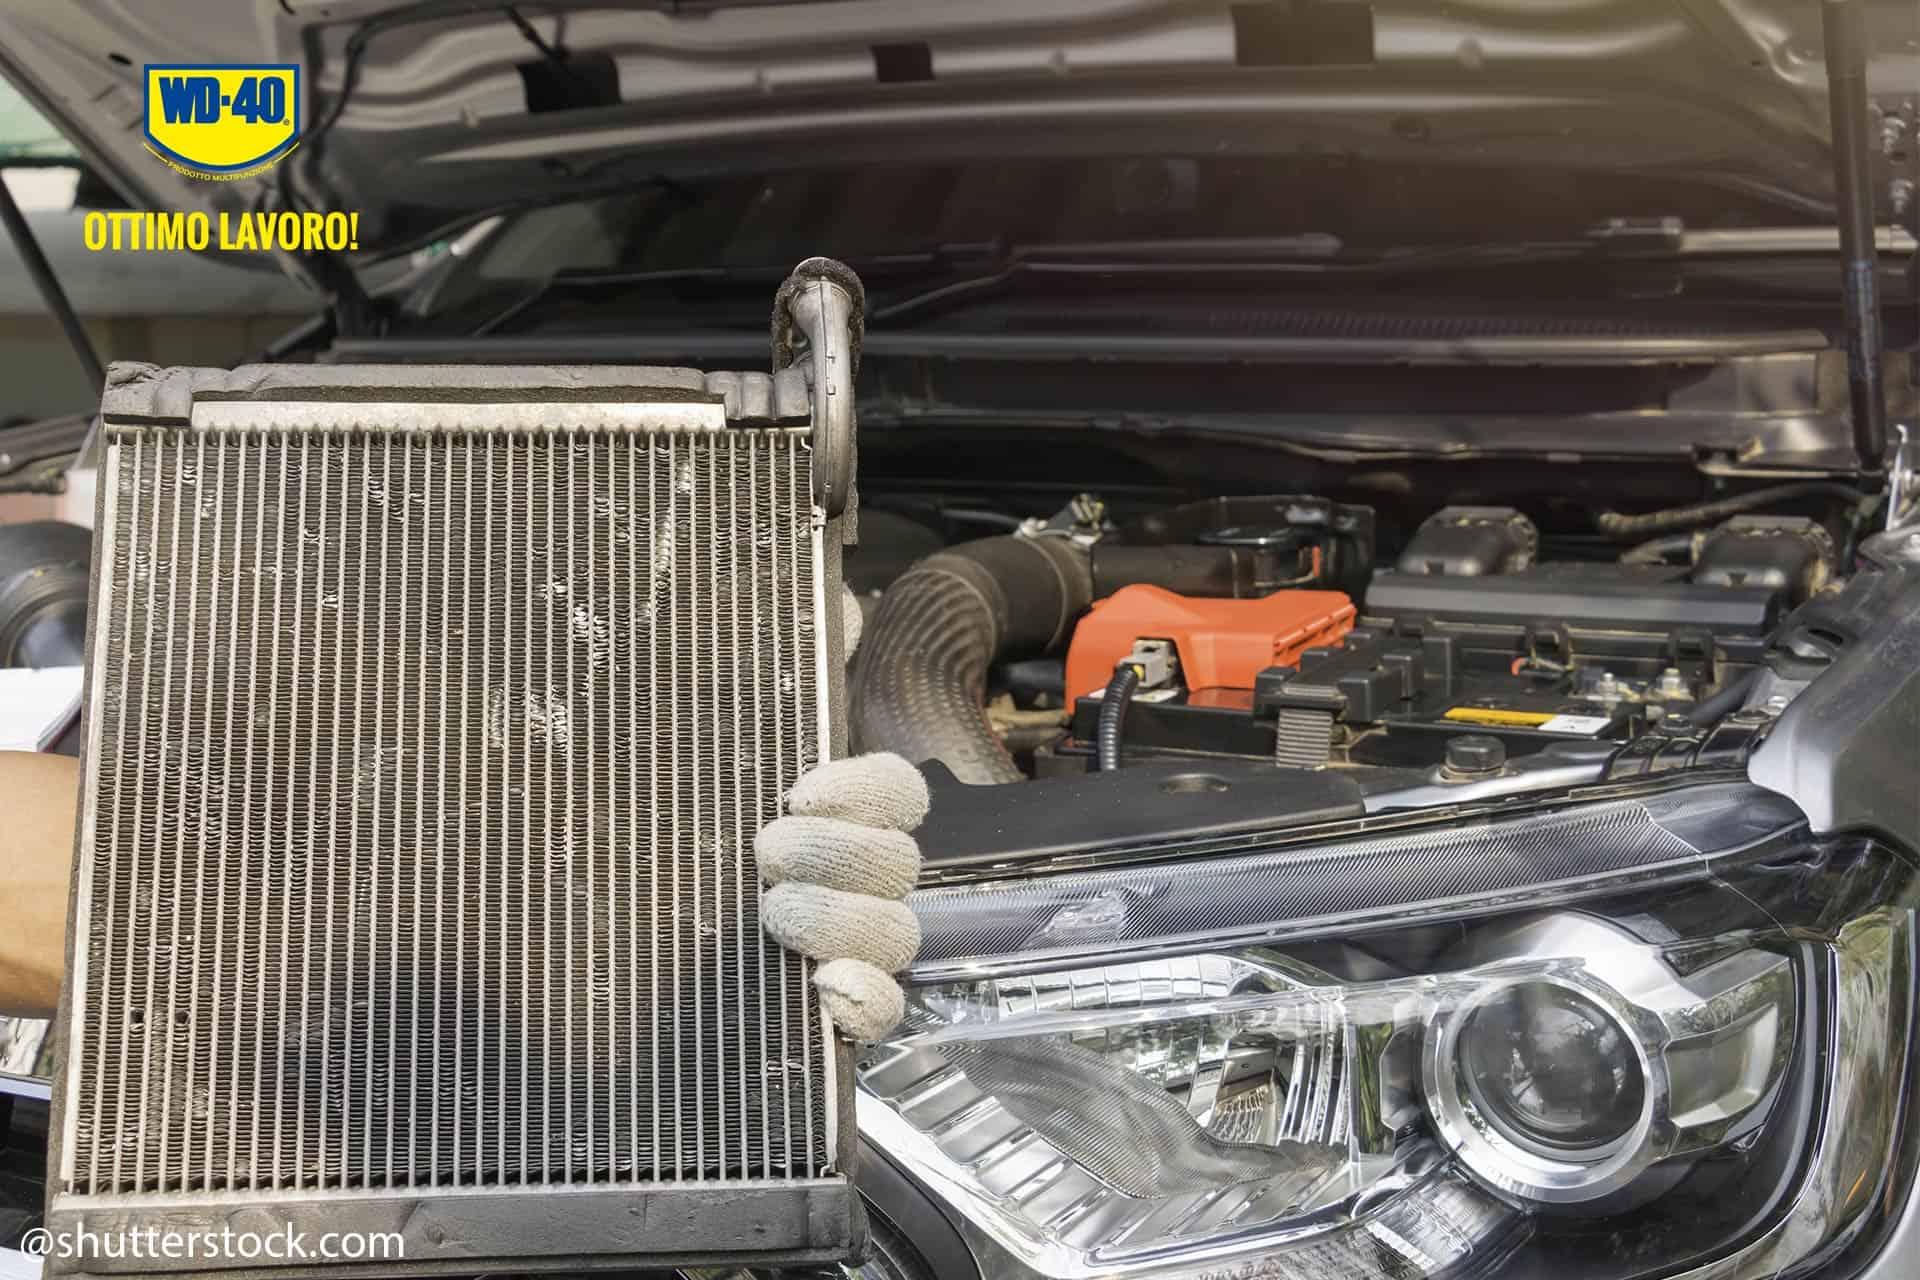 pulire il radiatore dell'auto